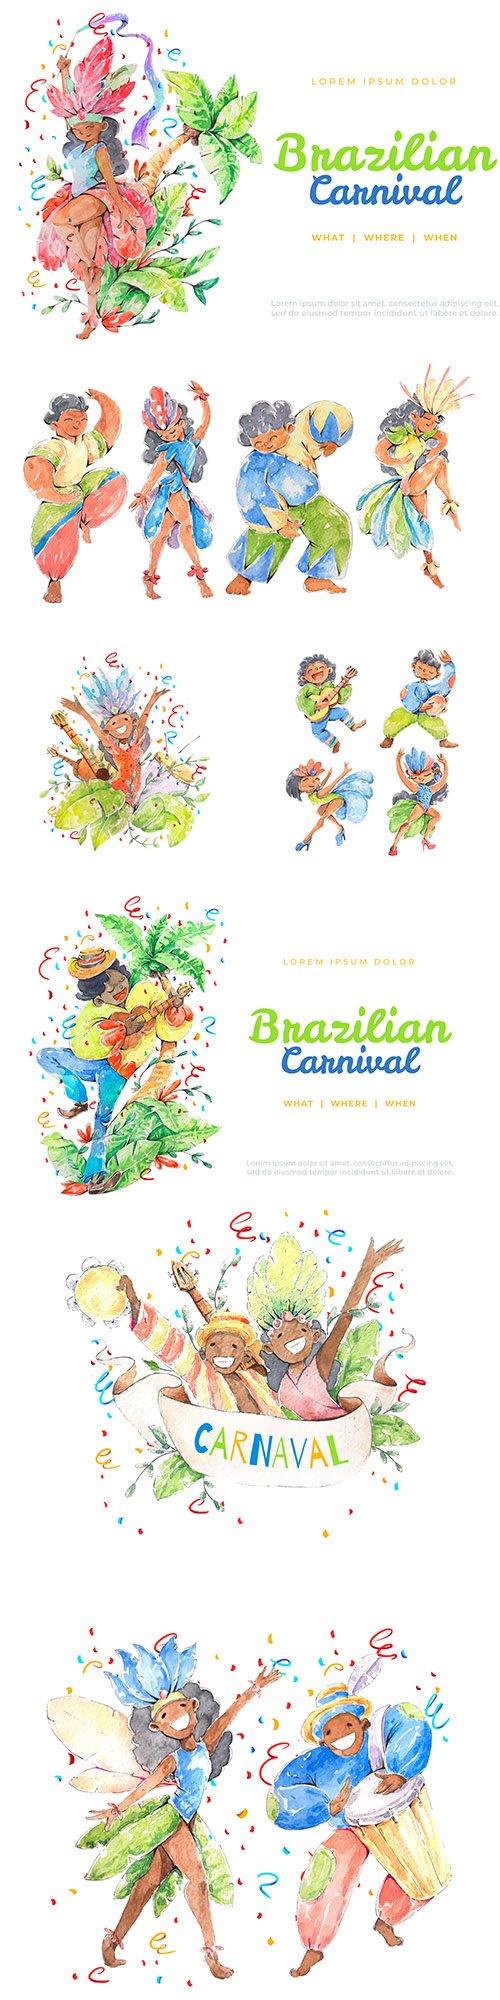 Brazilian carnival dancing watercolor illustrations